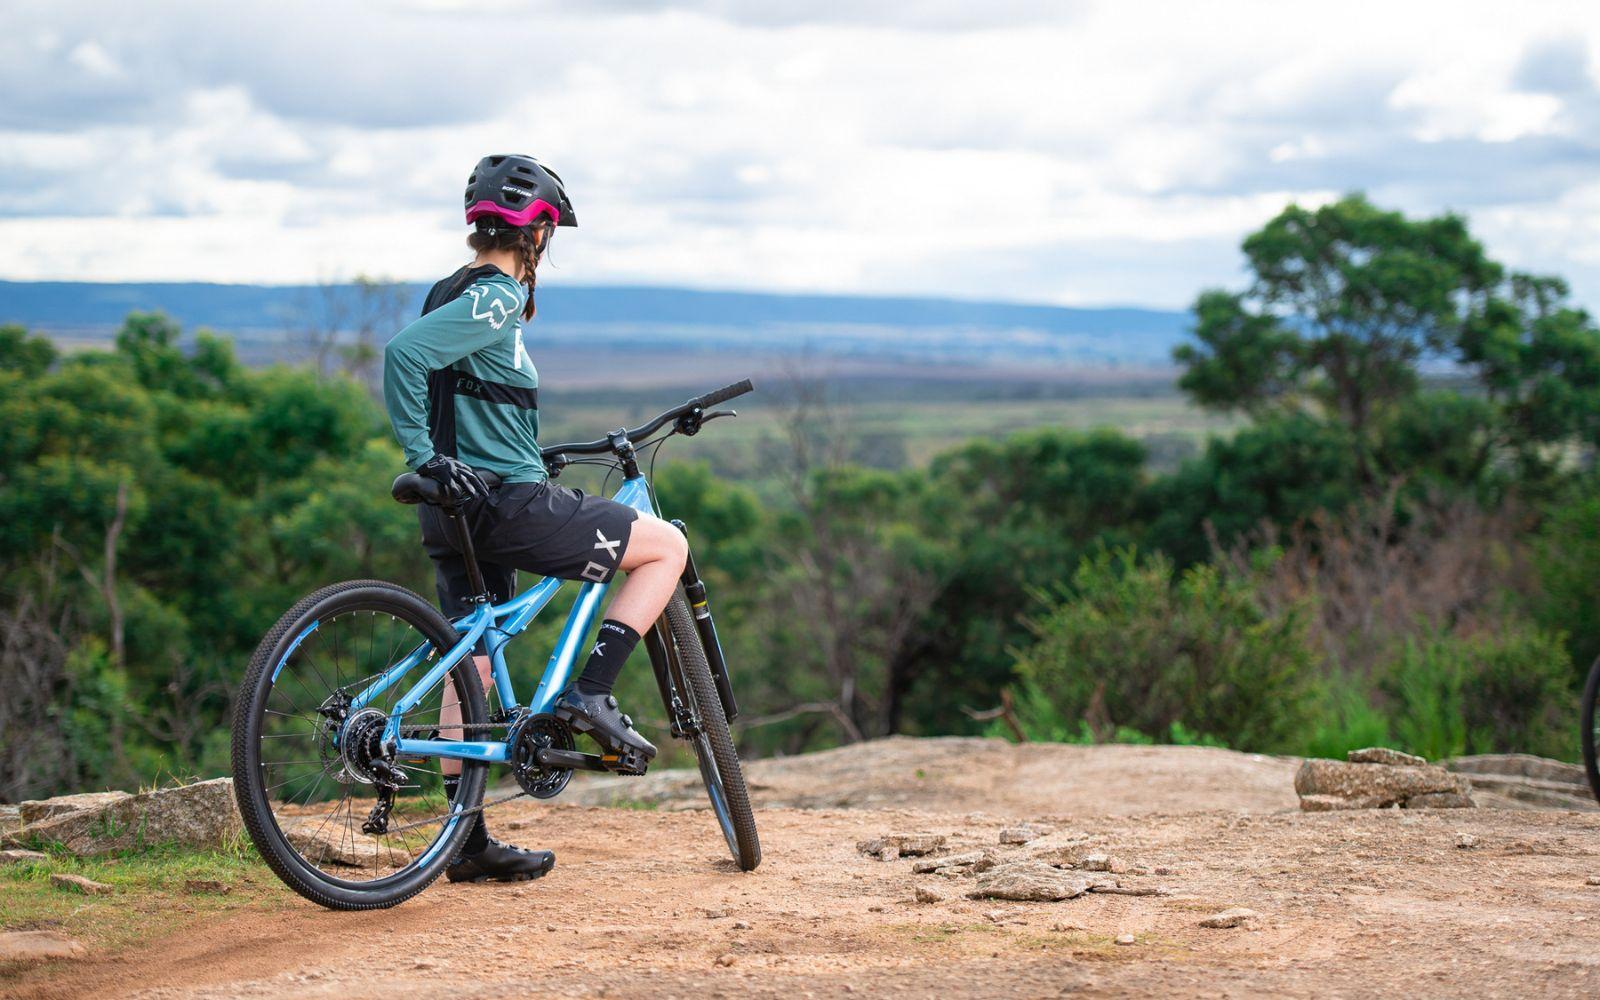 MTB Pro Disc WSD - Reid ® - MTB Pro Disc WSD Bike